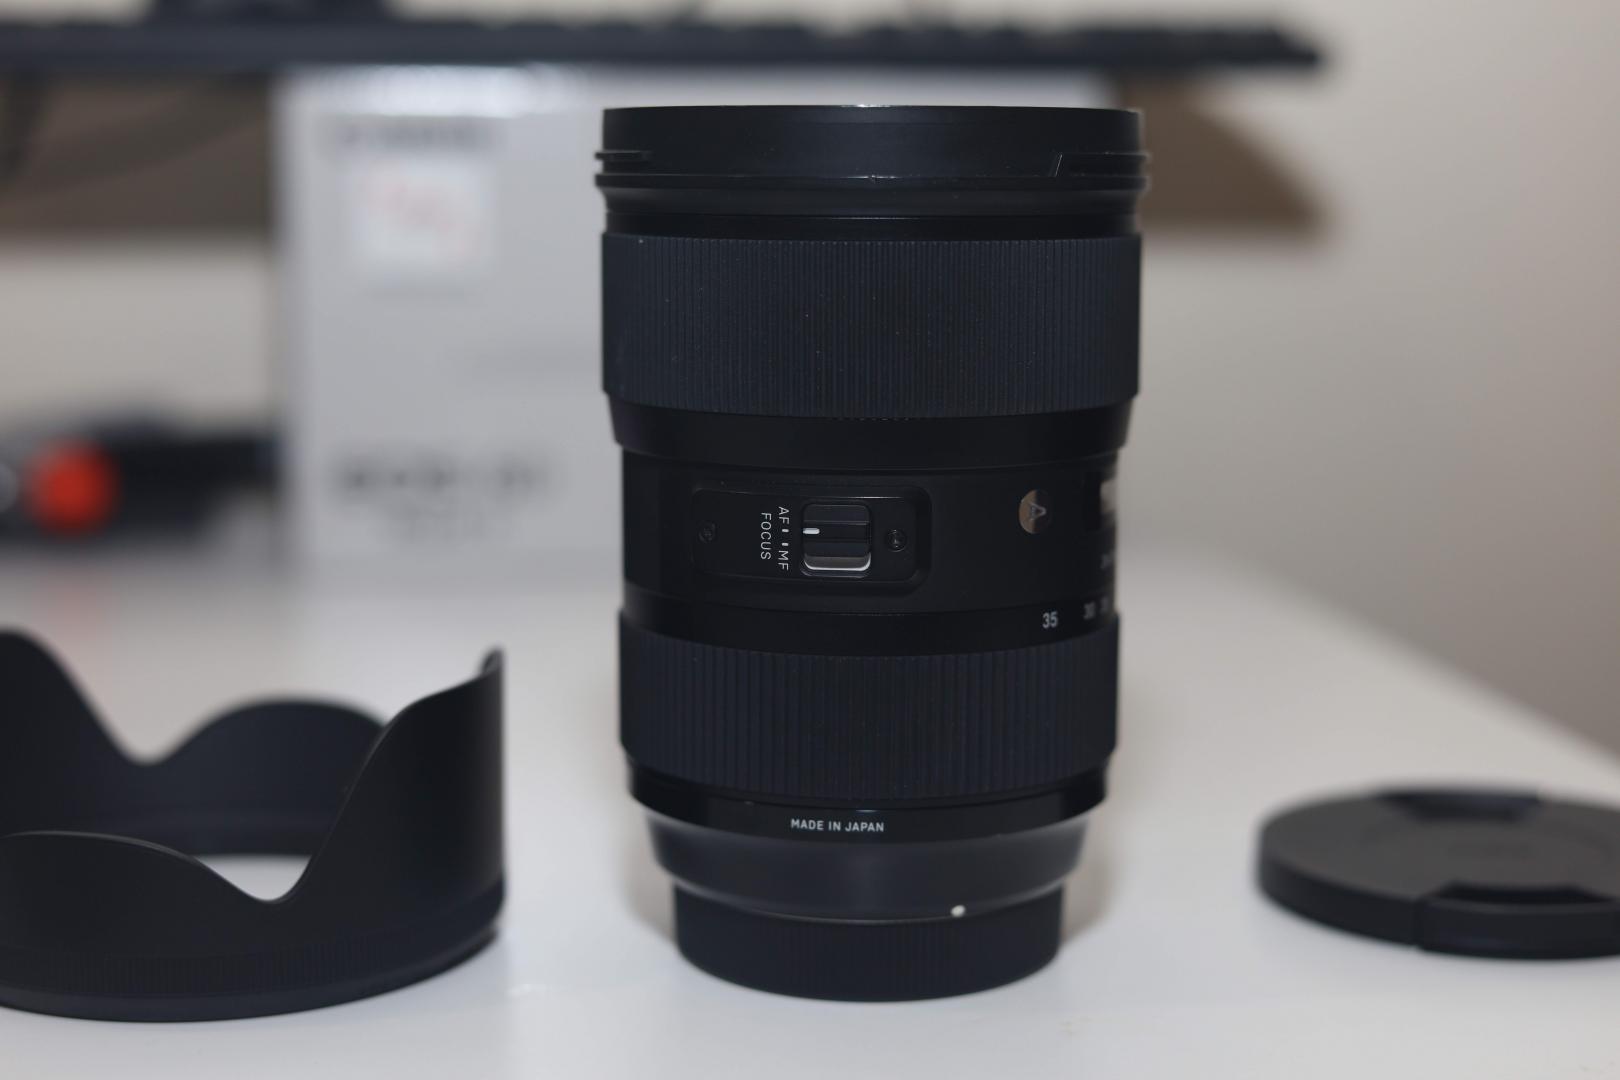 Sigma 24-35mm F/2 ART Lens for CANON DSLR